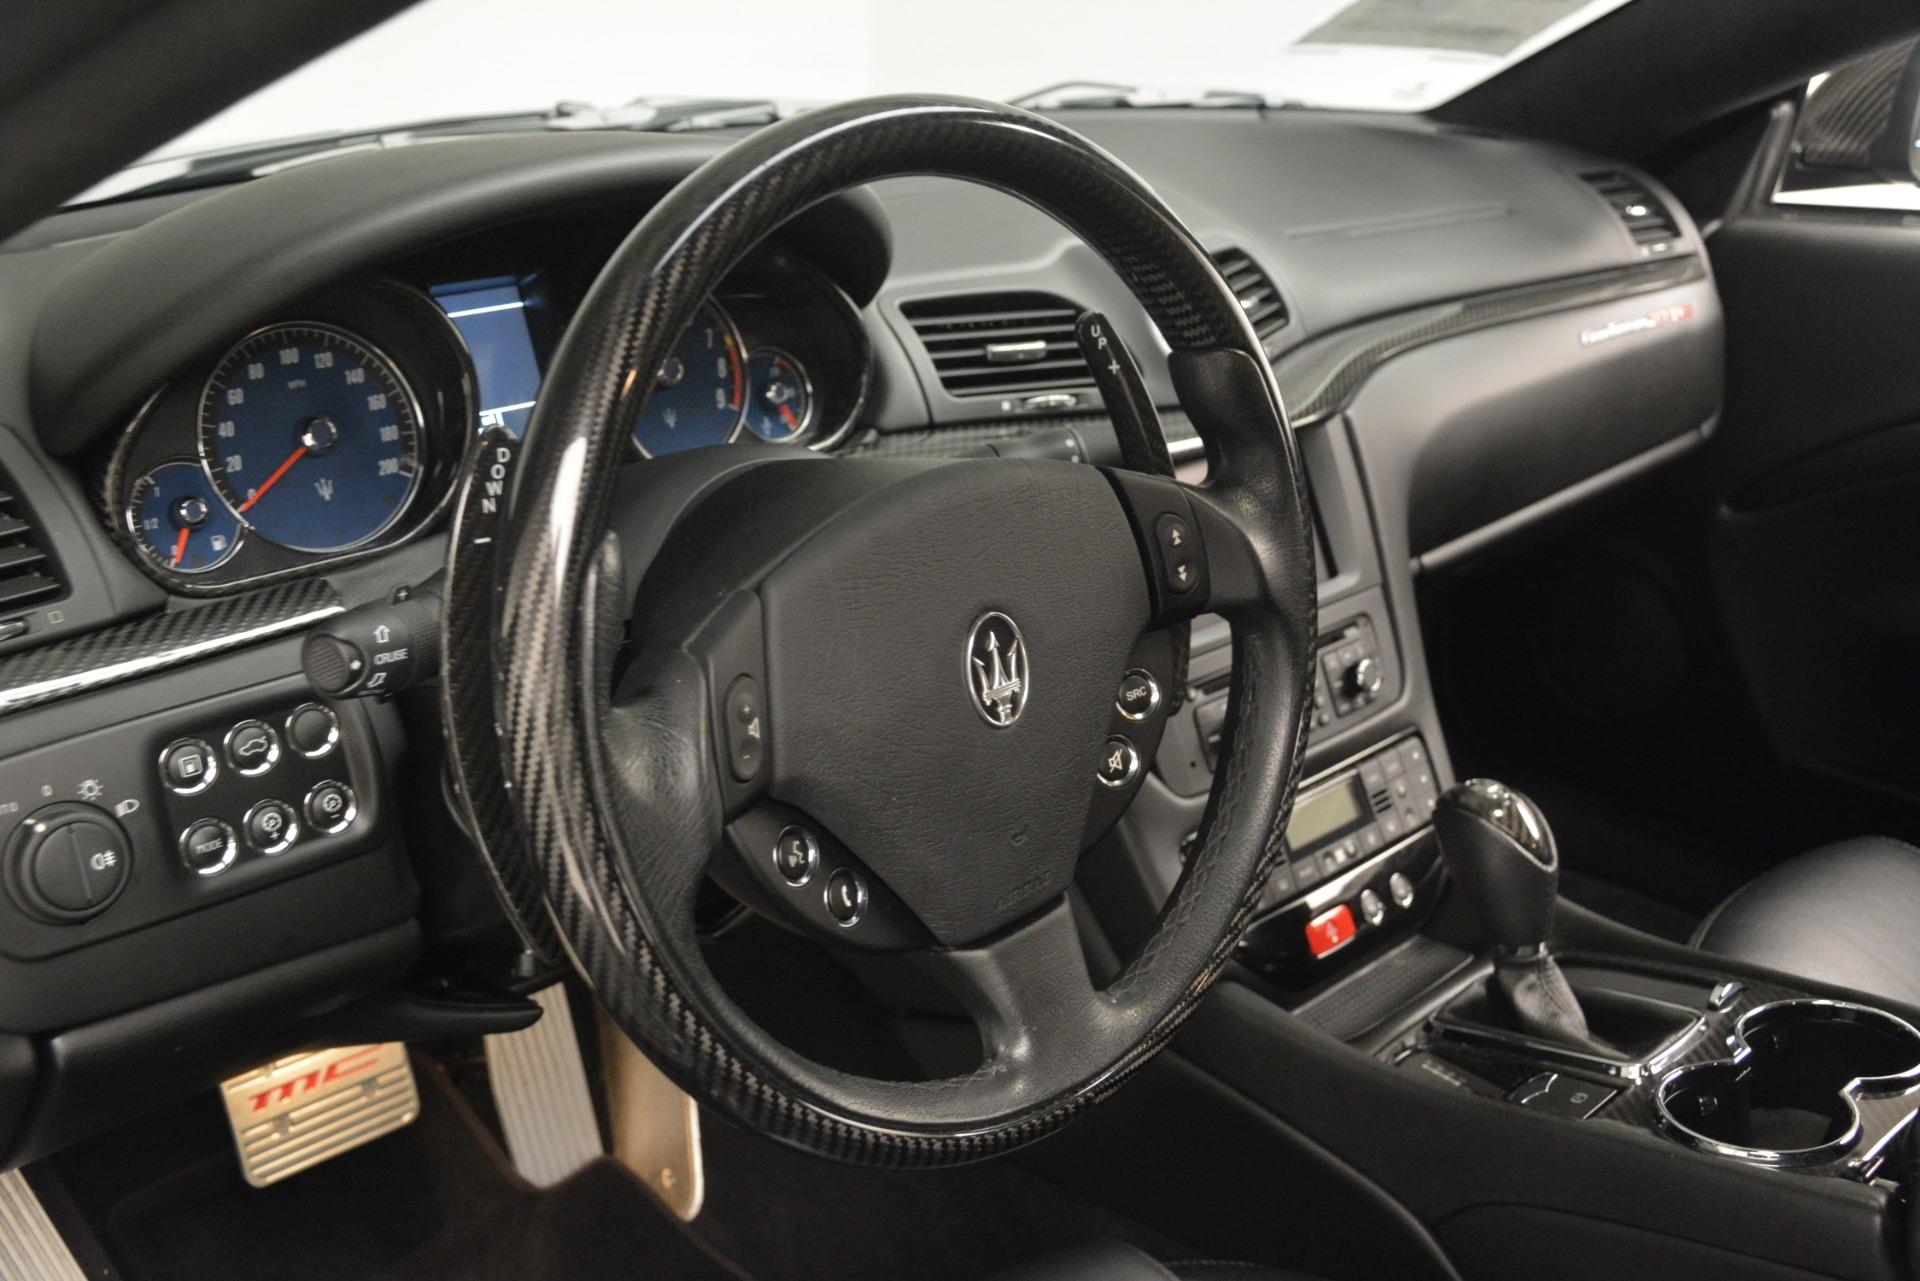 Used 2012 Maserati GranTurismo MC For Sale In Greenwich, CT 1284_p36